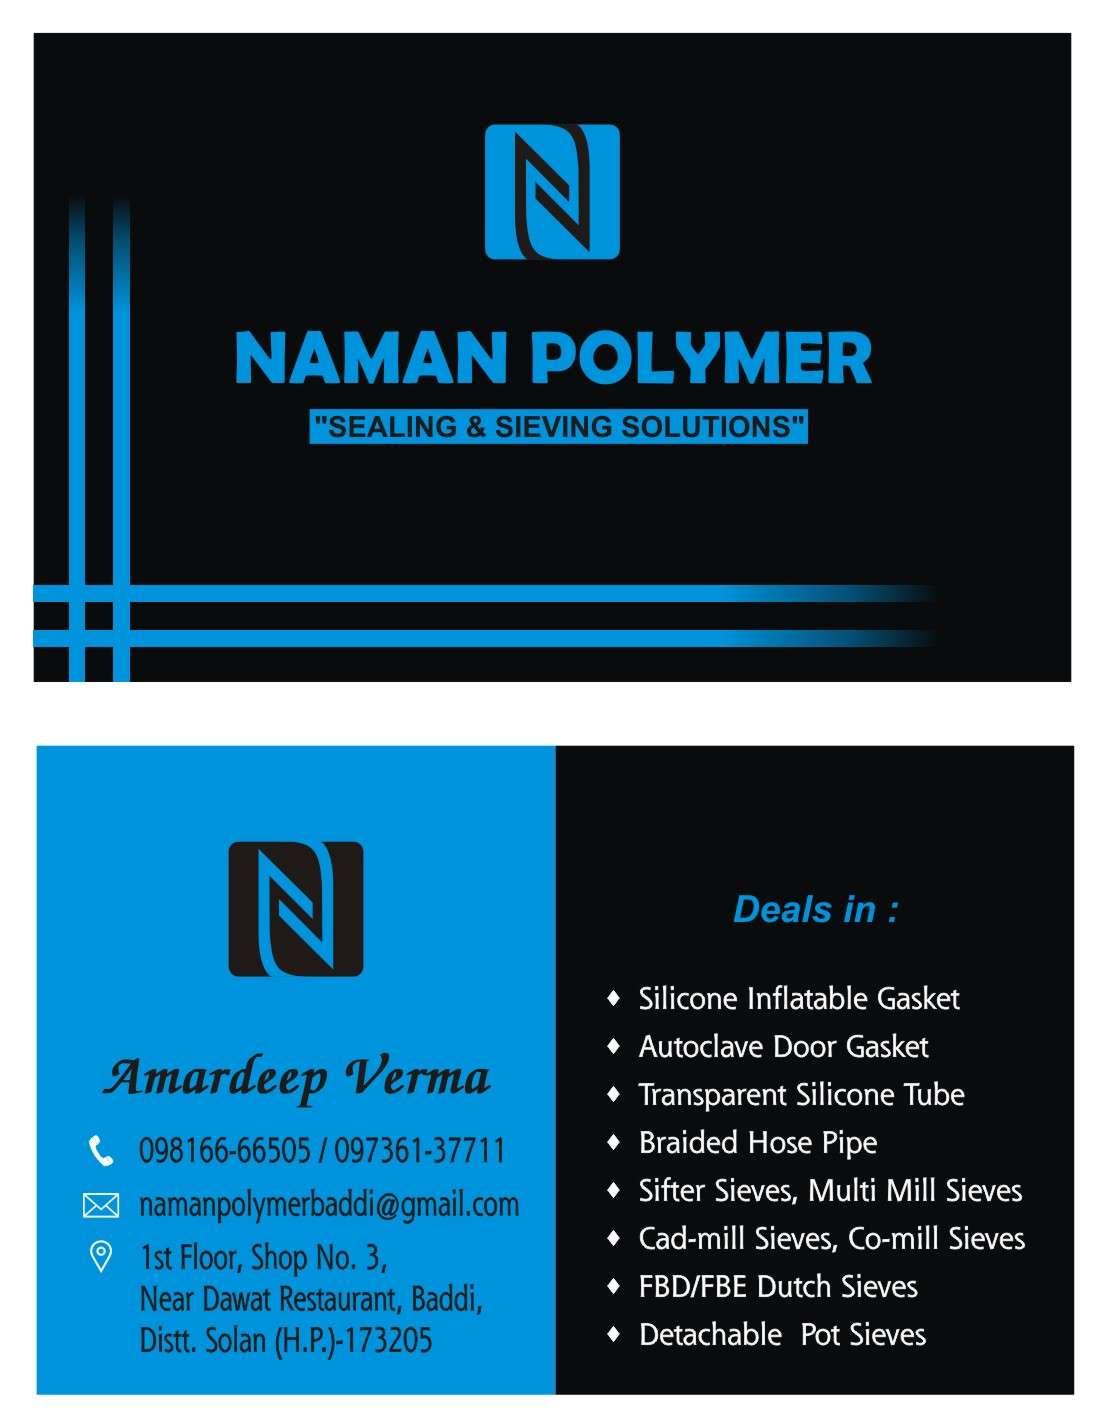 Naman Polymer